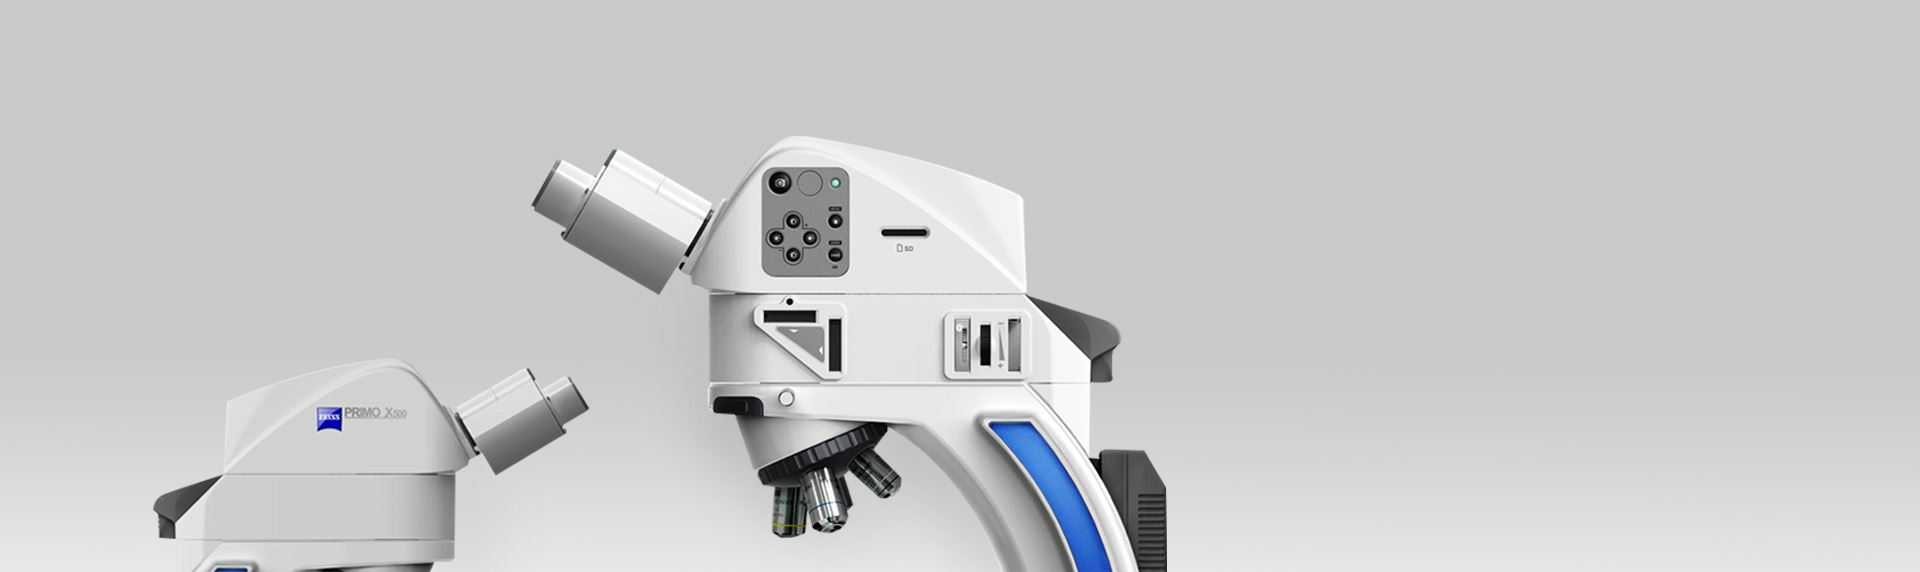 全网科技-光学显微镜